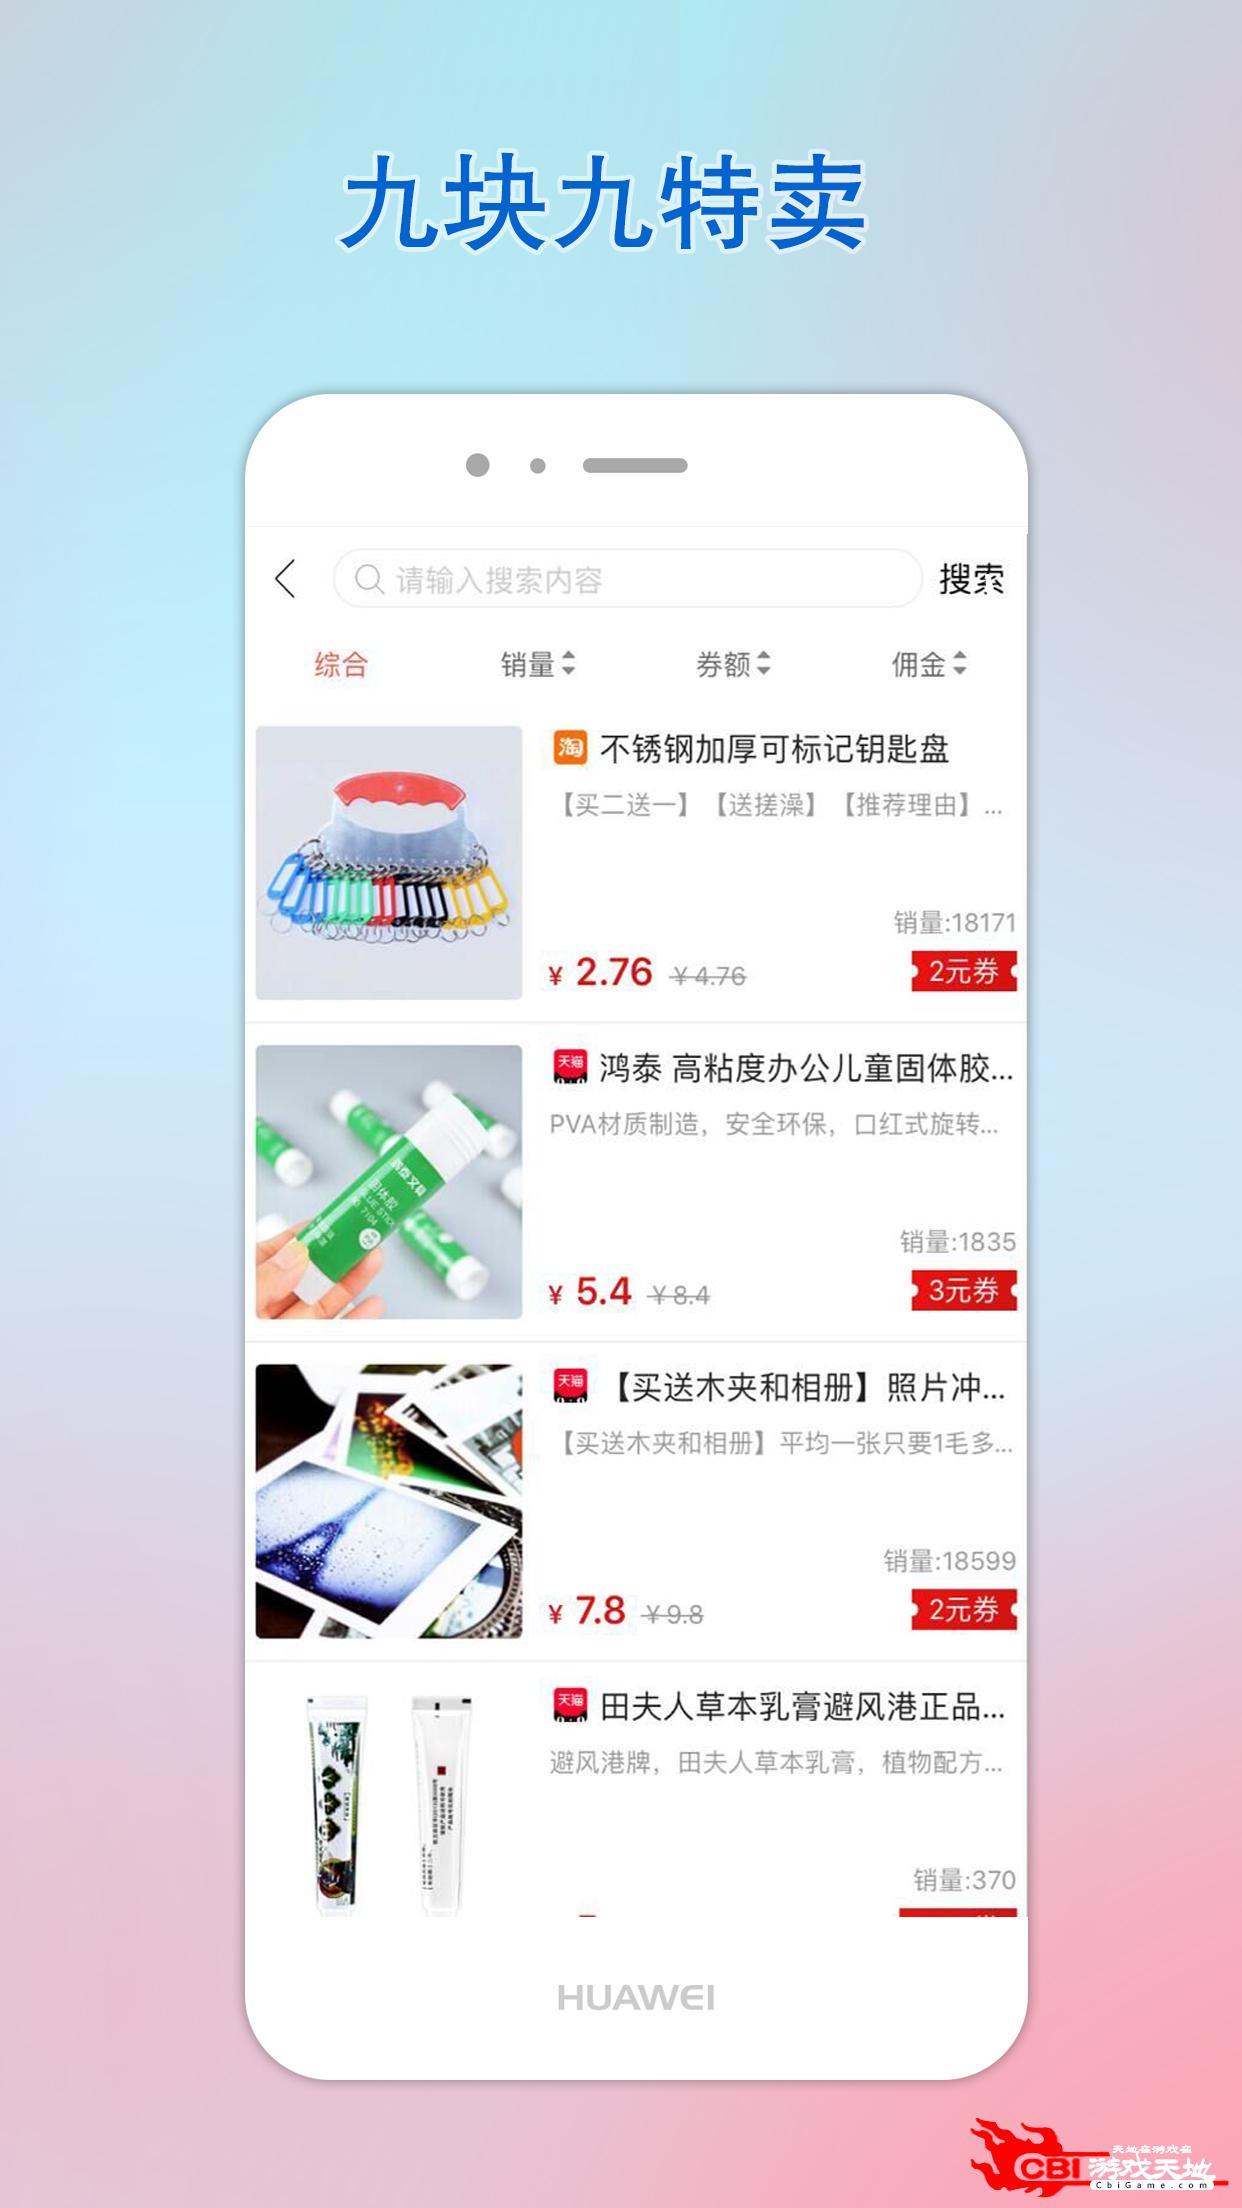 乐惠佳购物平台图3